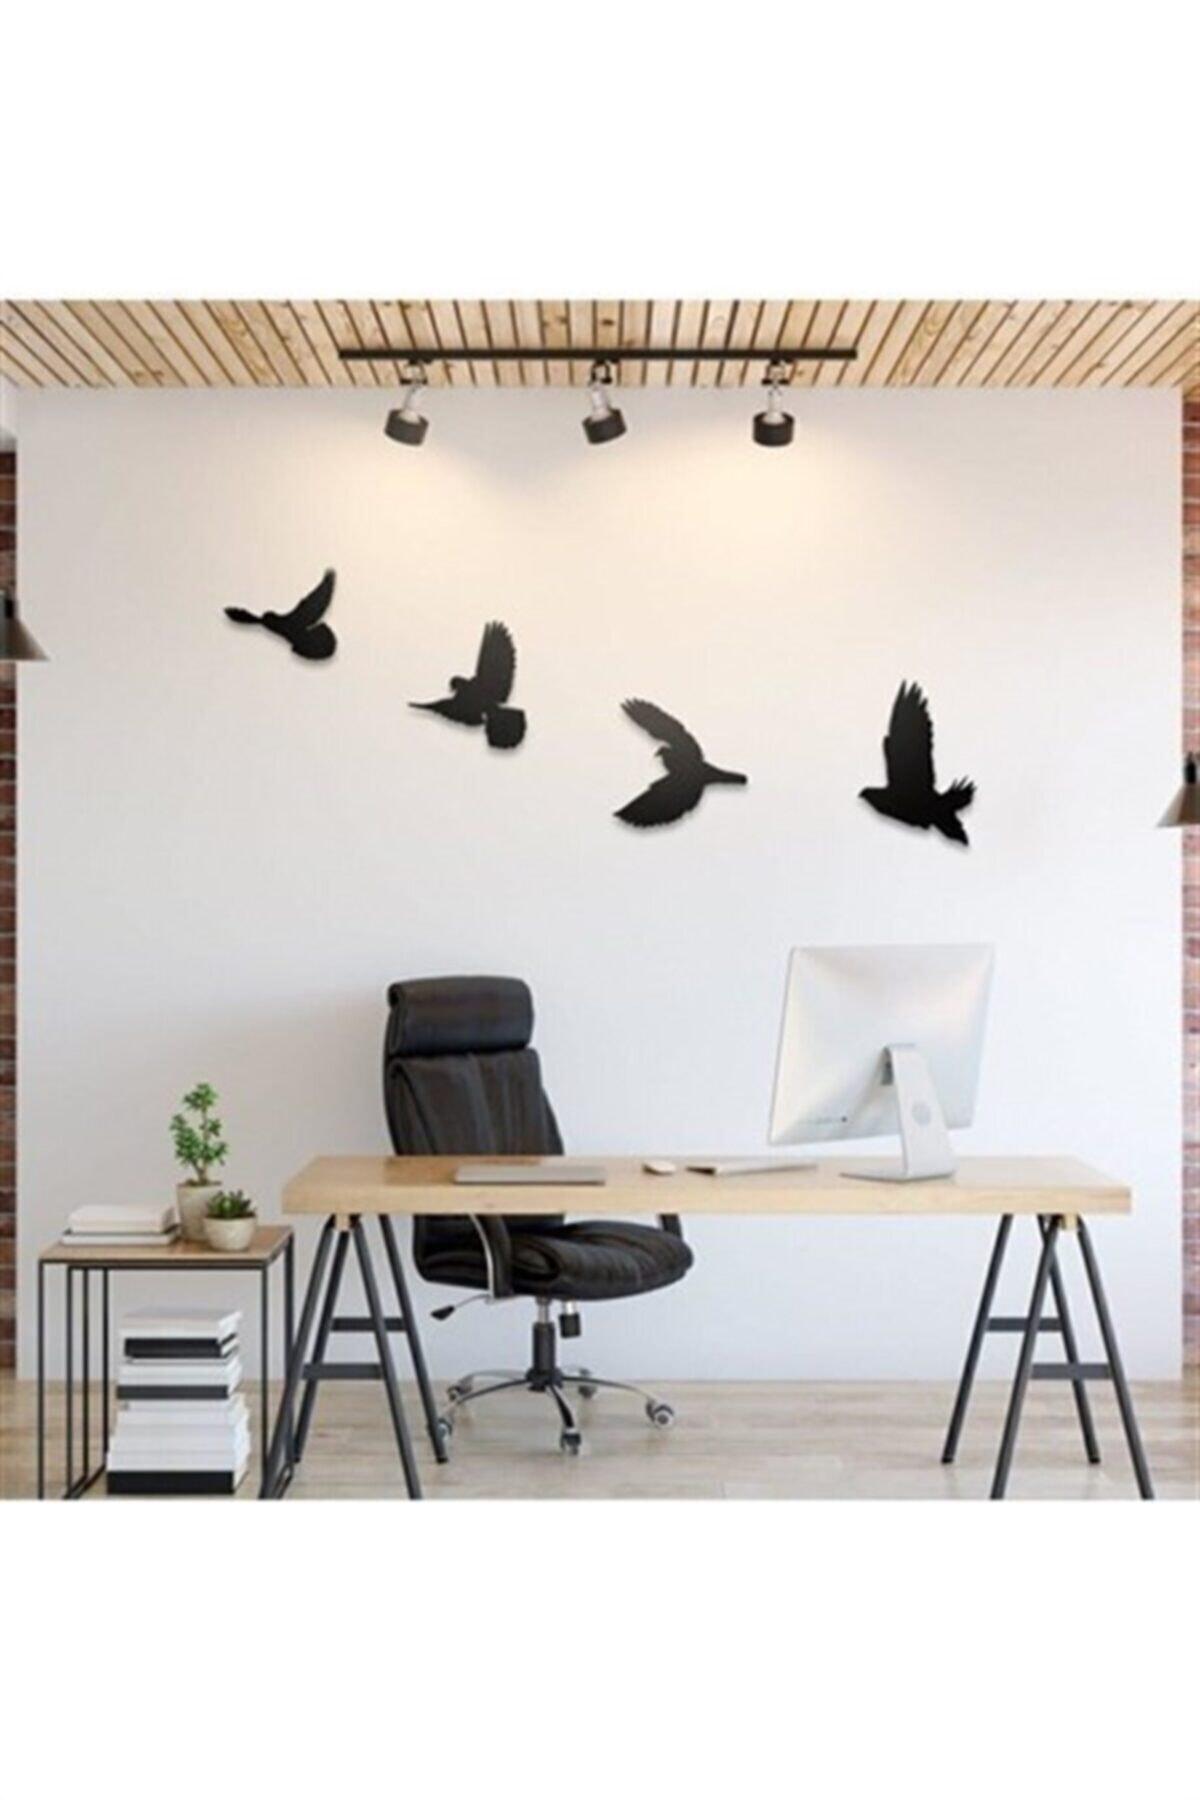 Dekoratif Modern Dörtlü Kuş Duvar Süsü Duvar Dekoru Ahşap